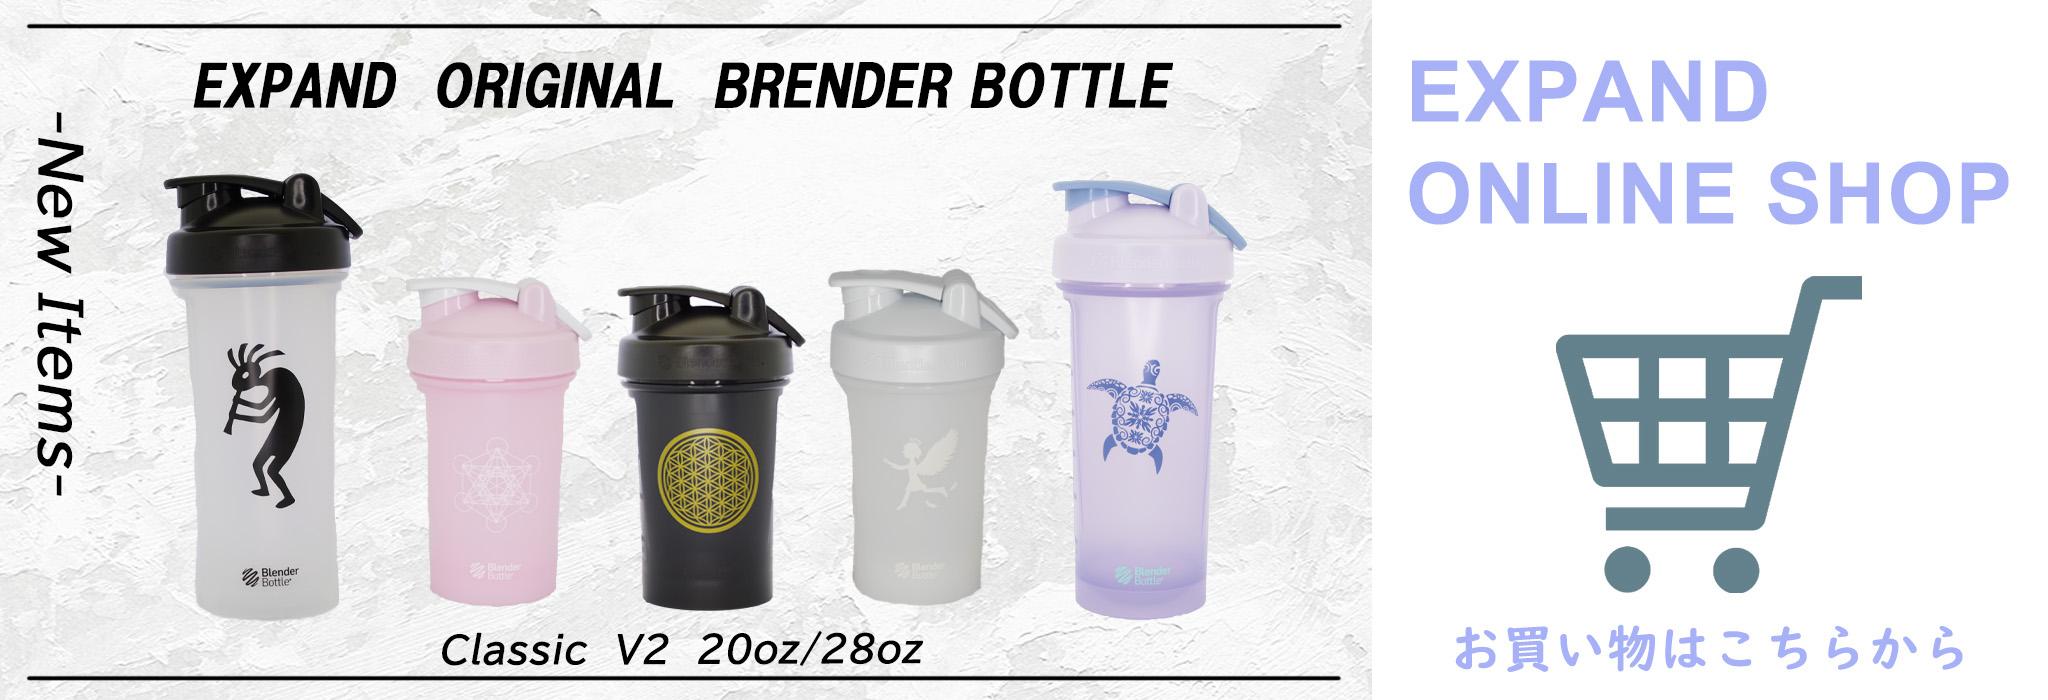 ブレンダーボトル STRADA